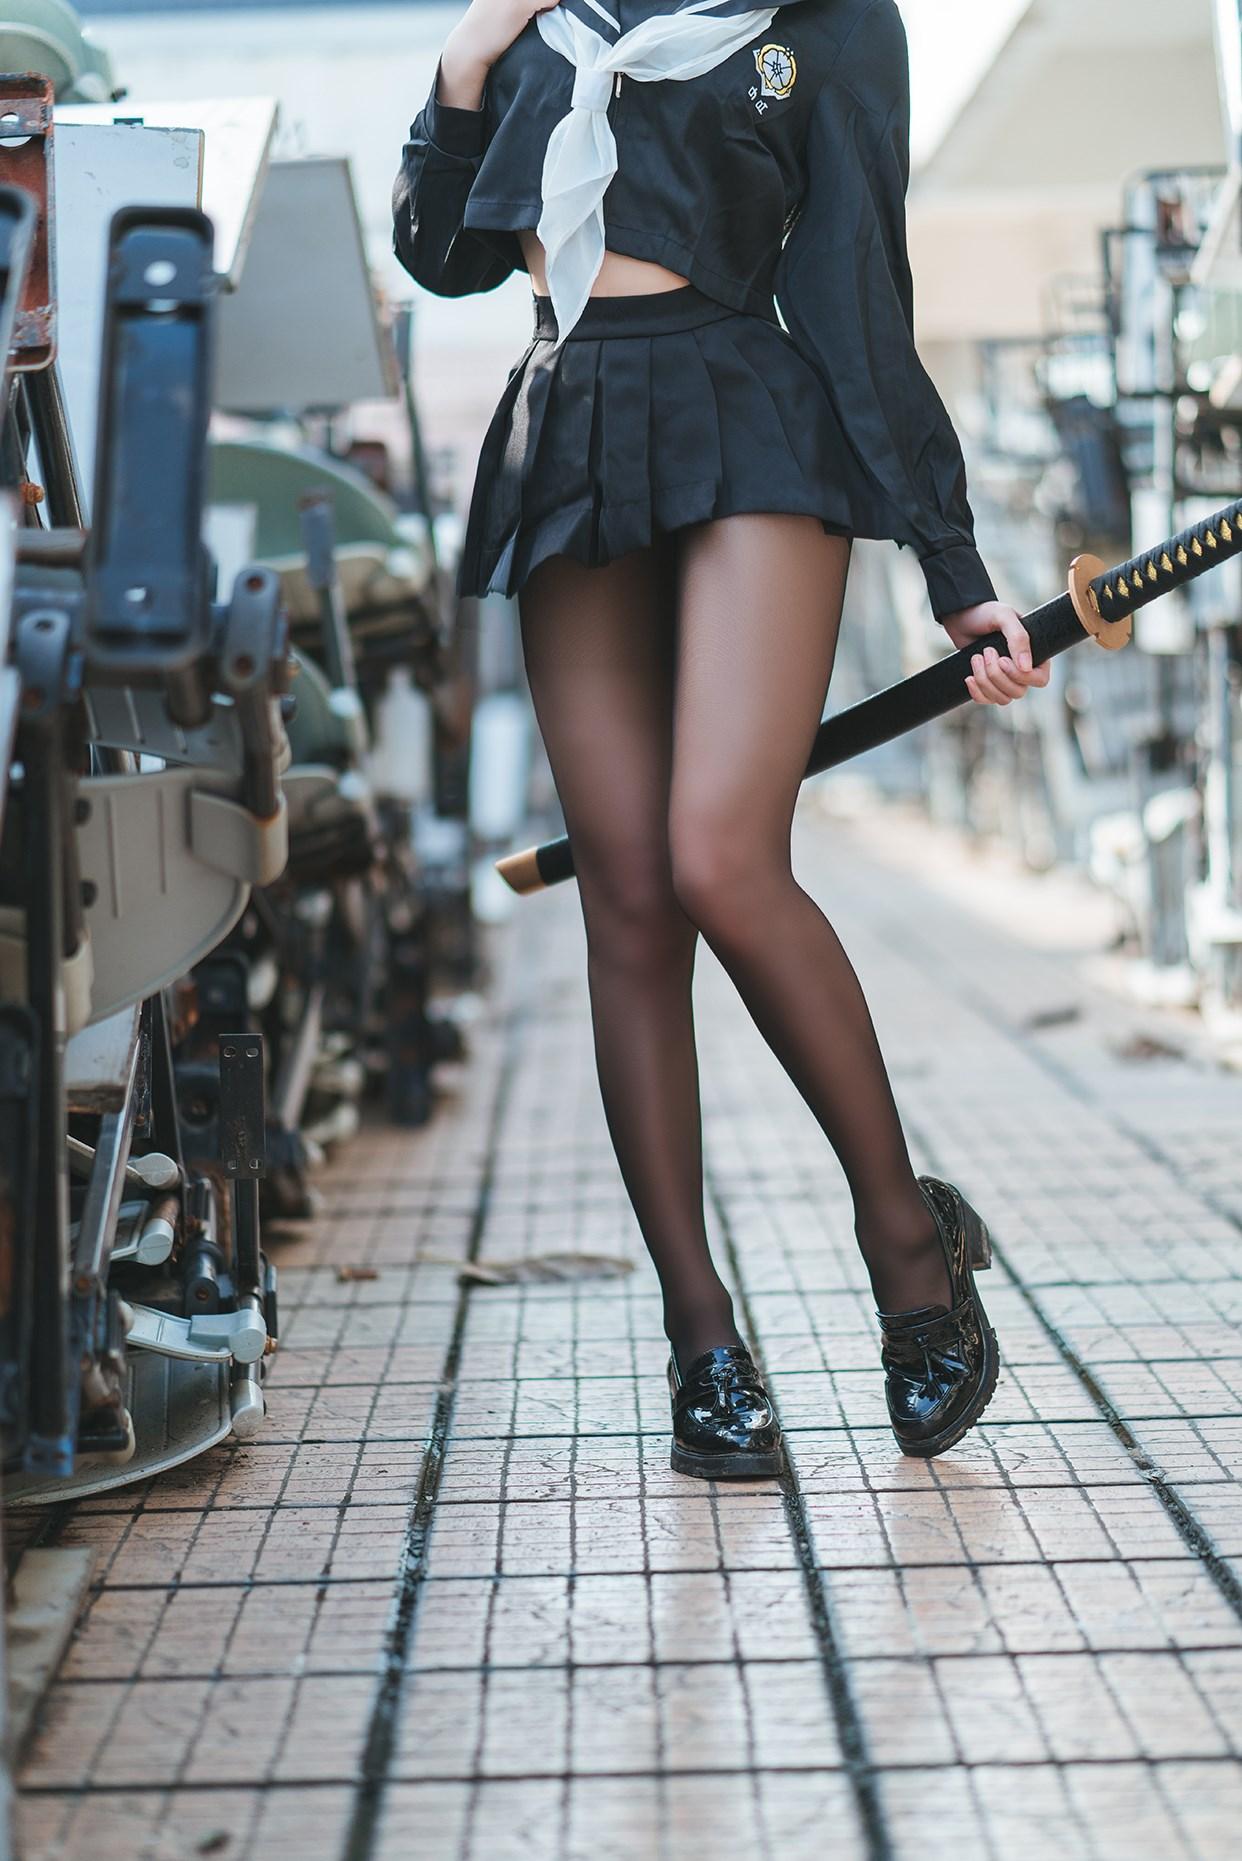 【兔玩映画】vol.04-高雄爱宕 兔玩映画 第13张